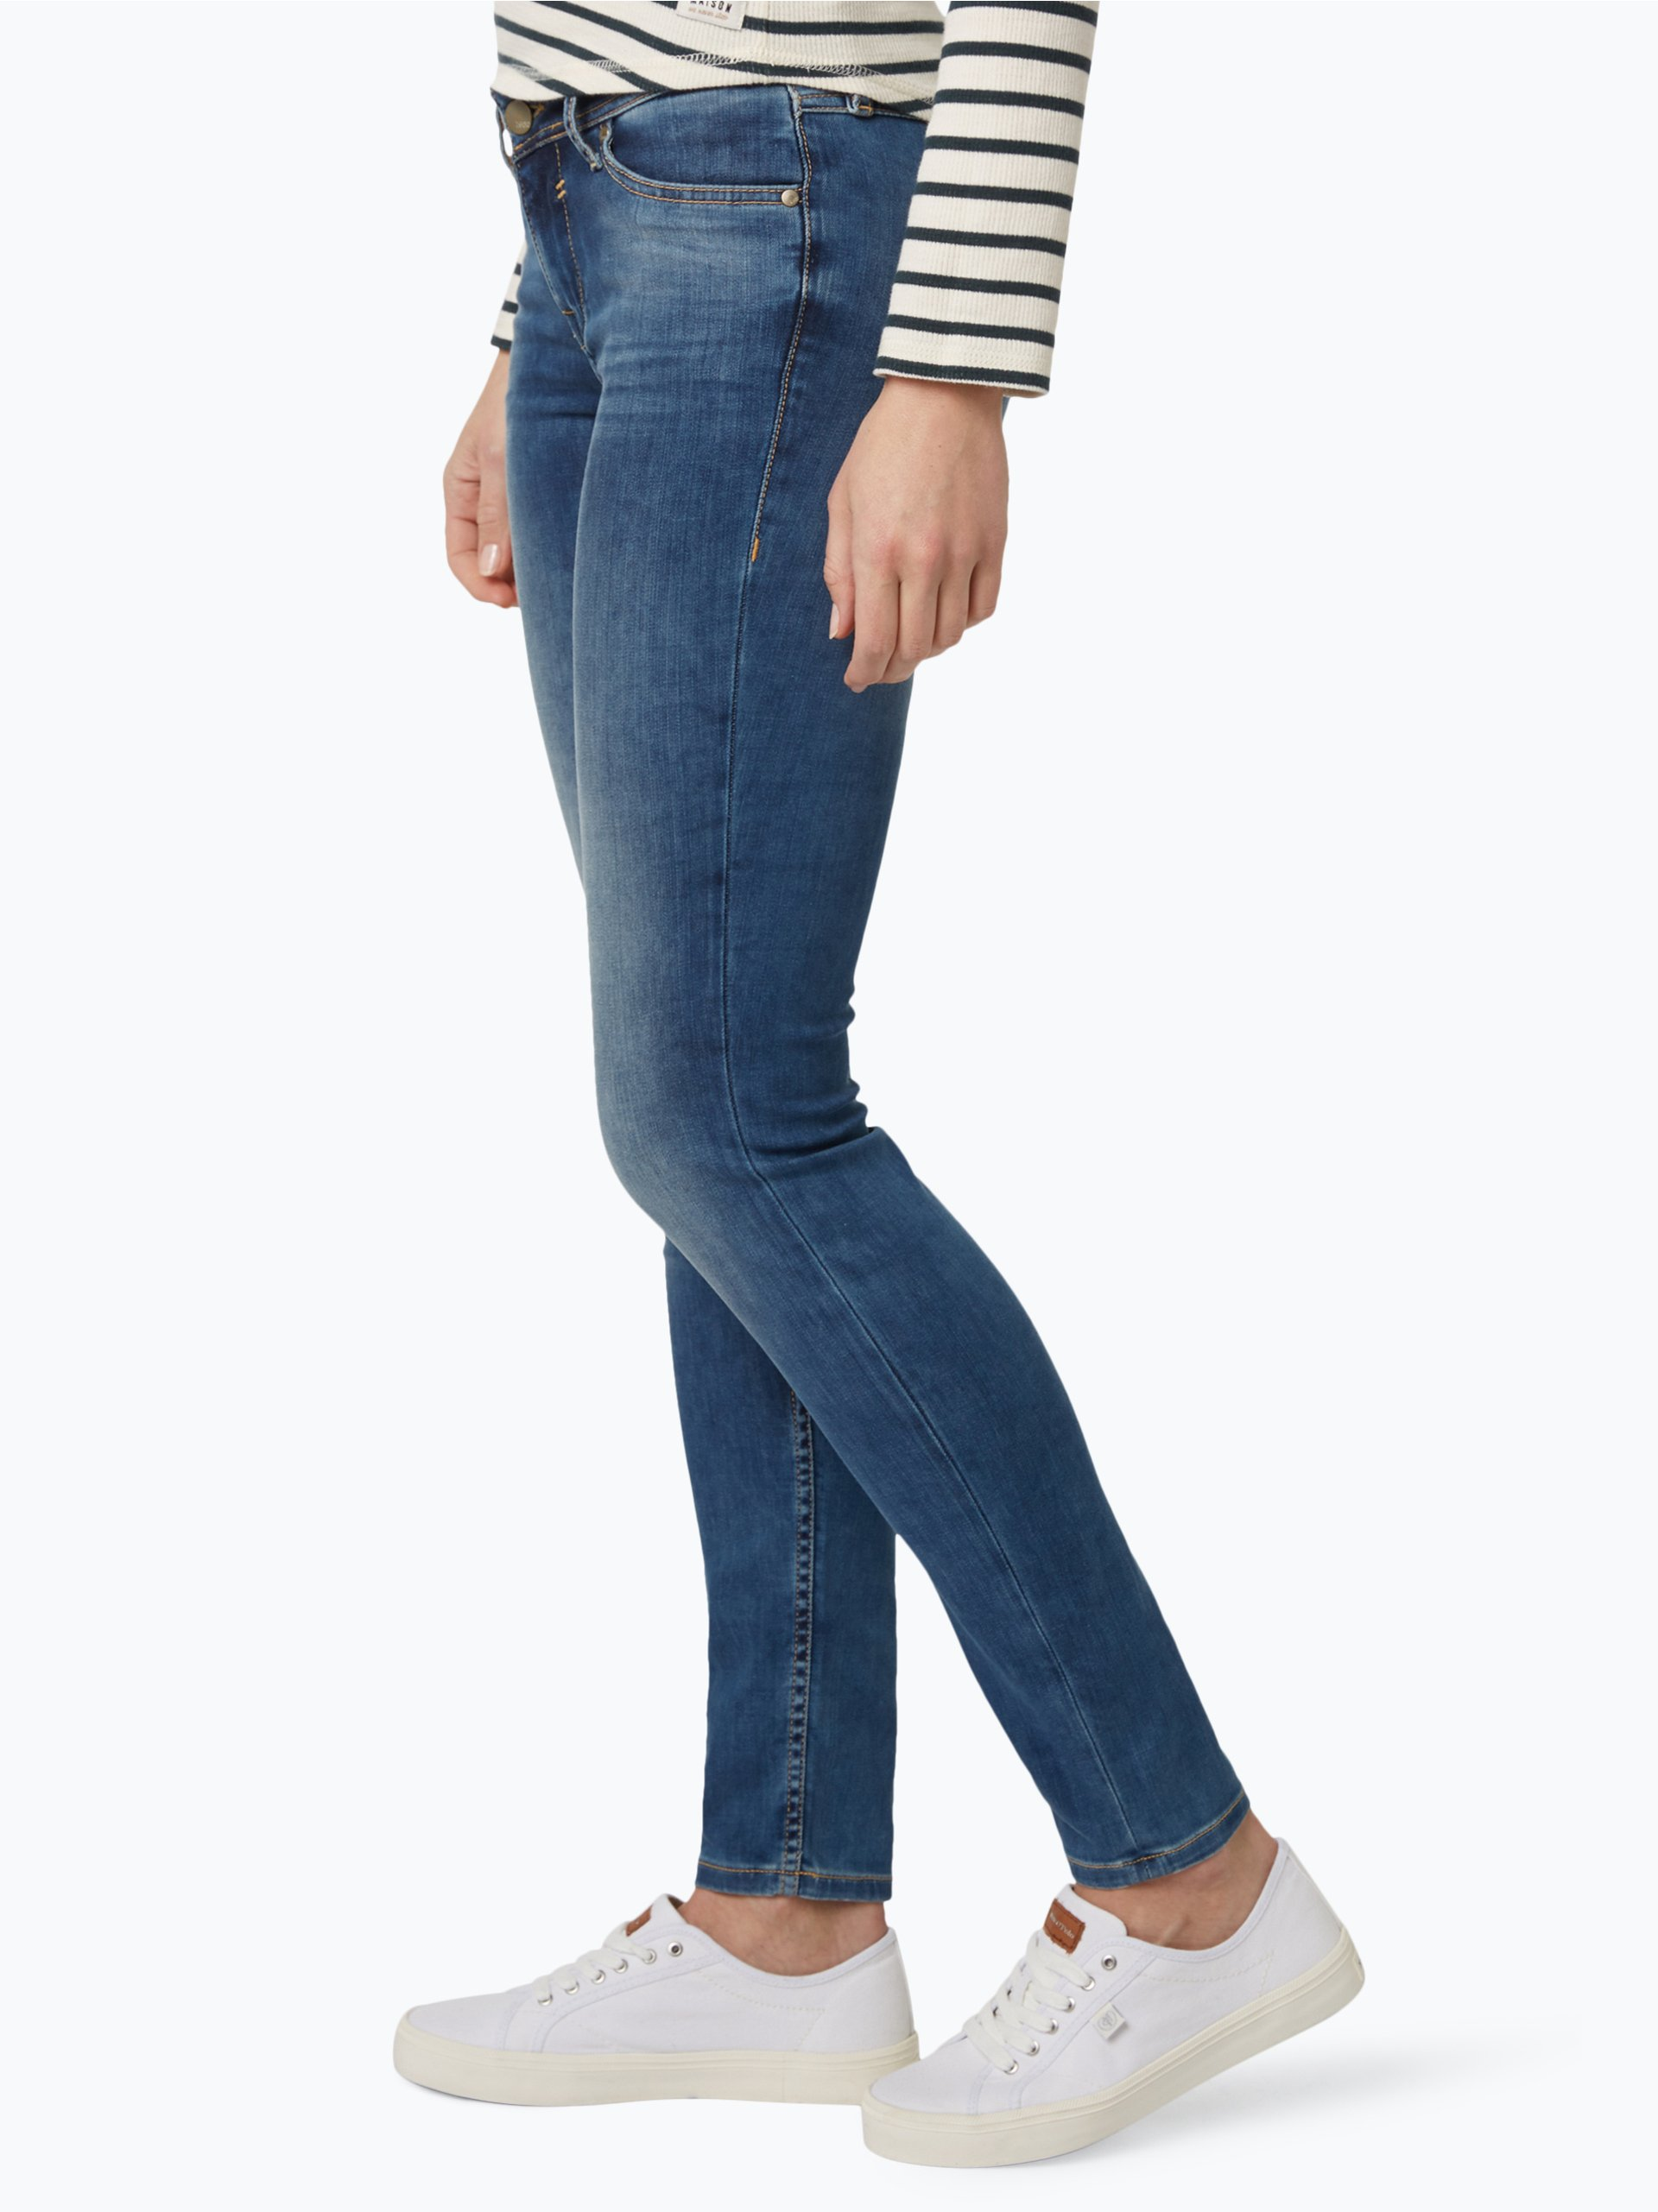 mustang damen jeans jasmin bleached uni online kaufen vangraaf com. Black Bedroom Furniture Sets. Home Design Ideas